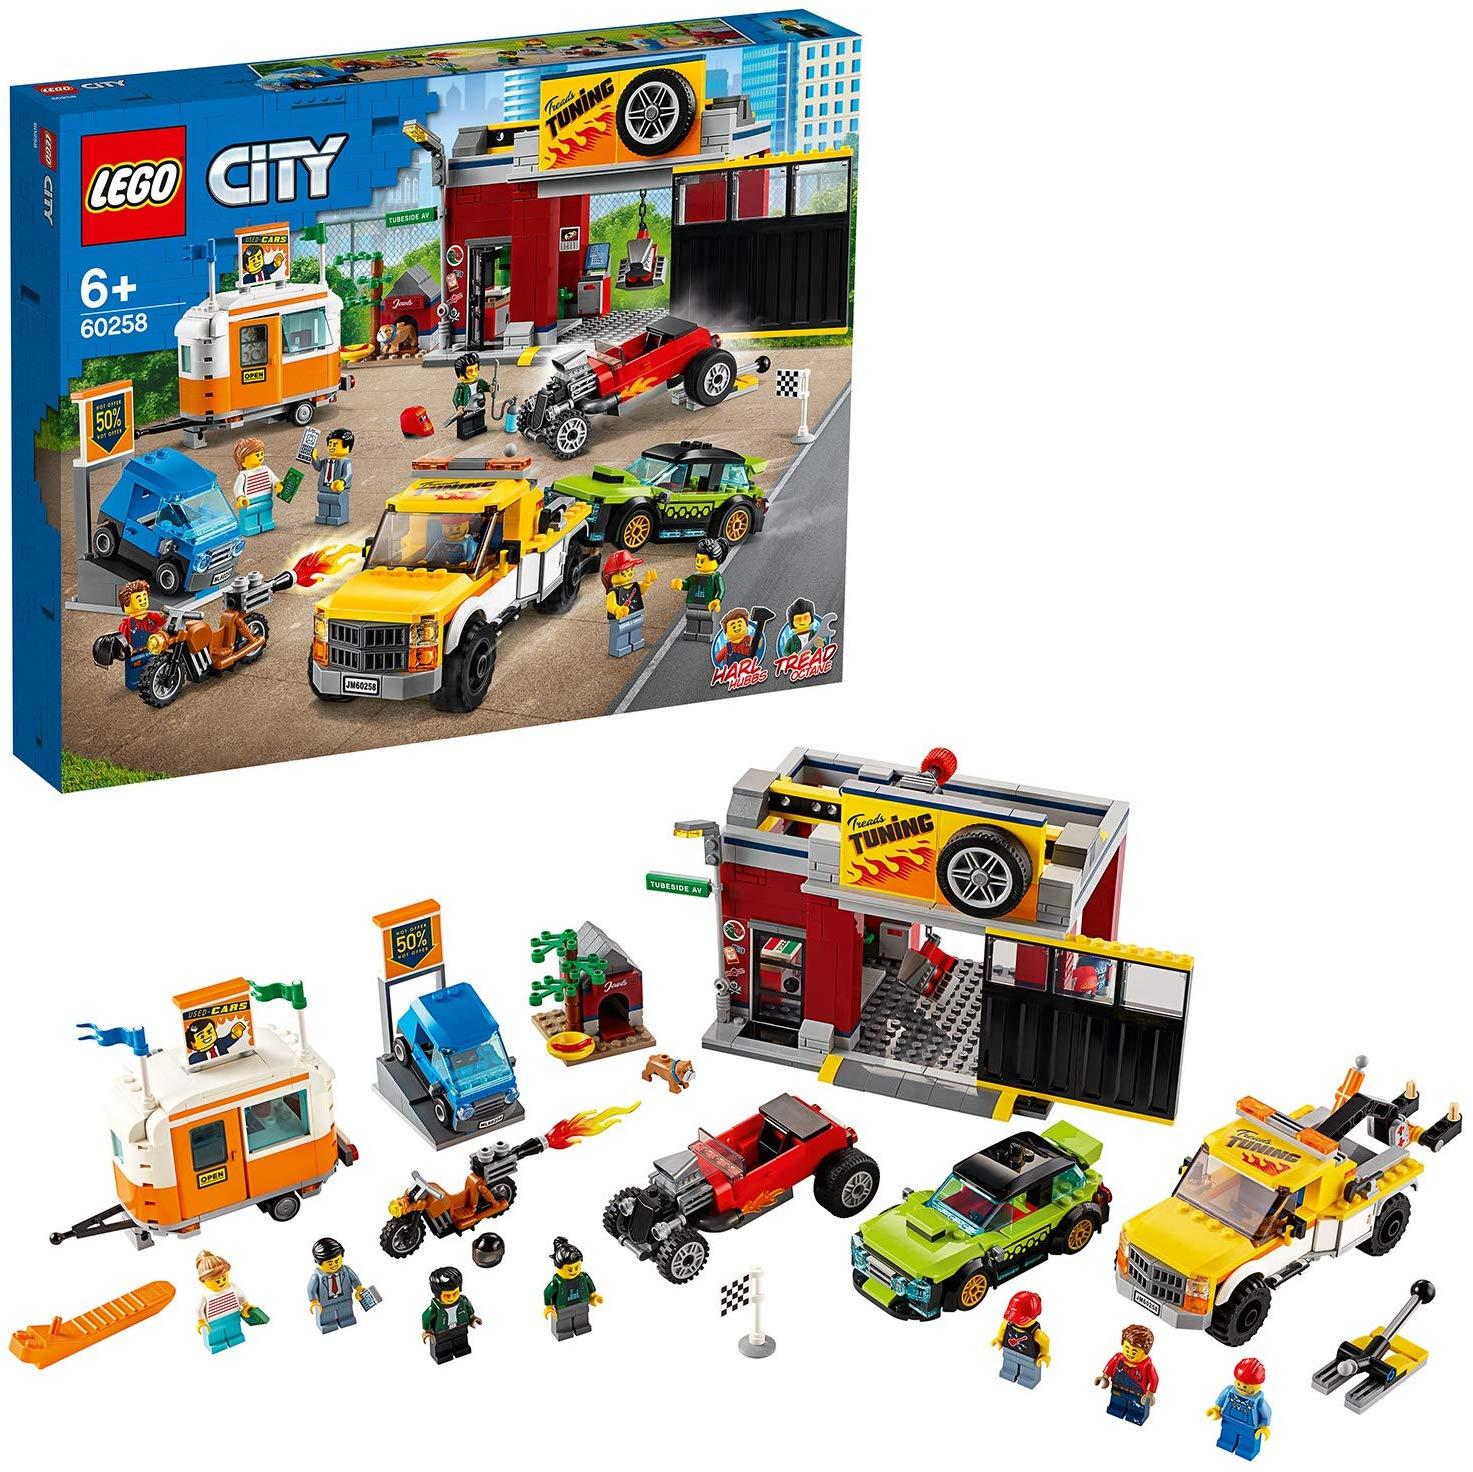 LEGO 60258 City Nitro Wheels Tuning Workshop £63.99 delivered at Amazon